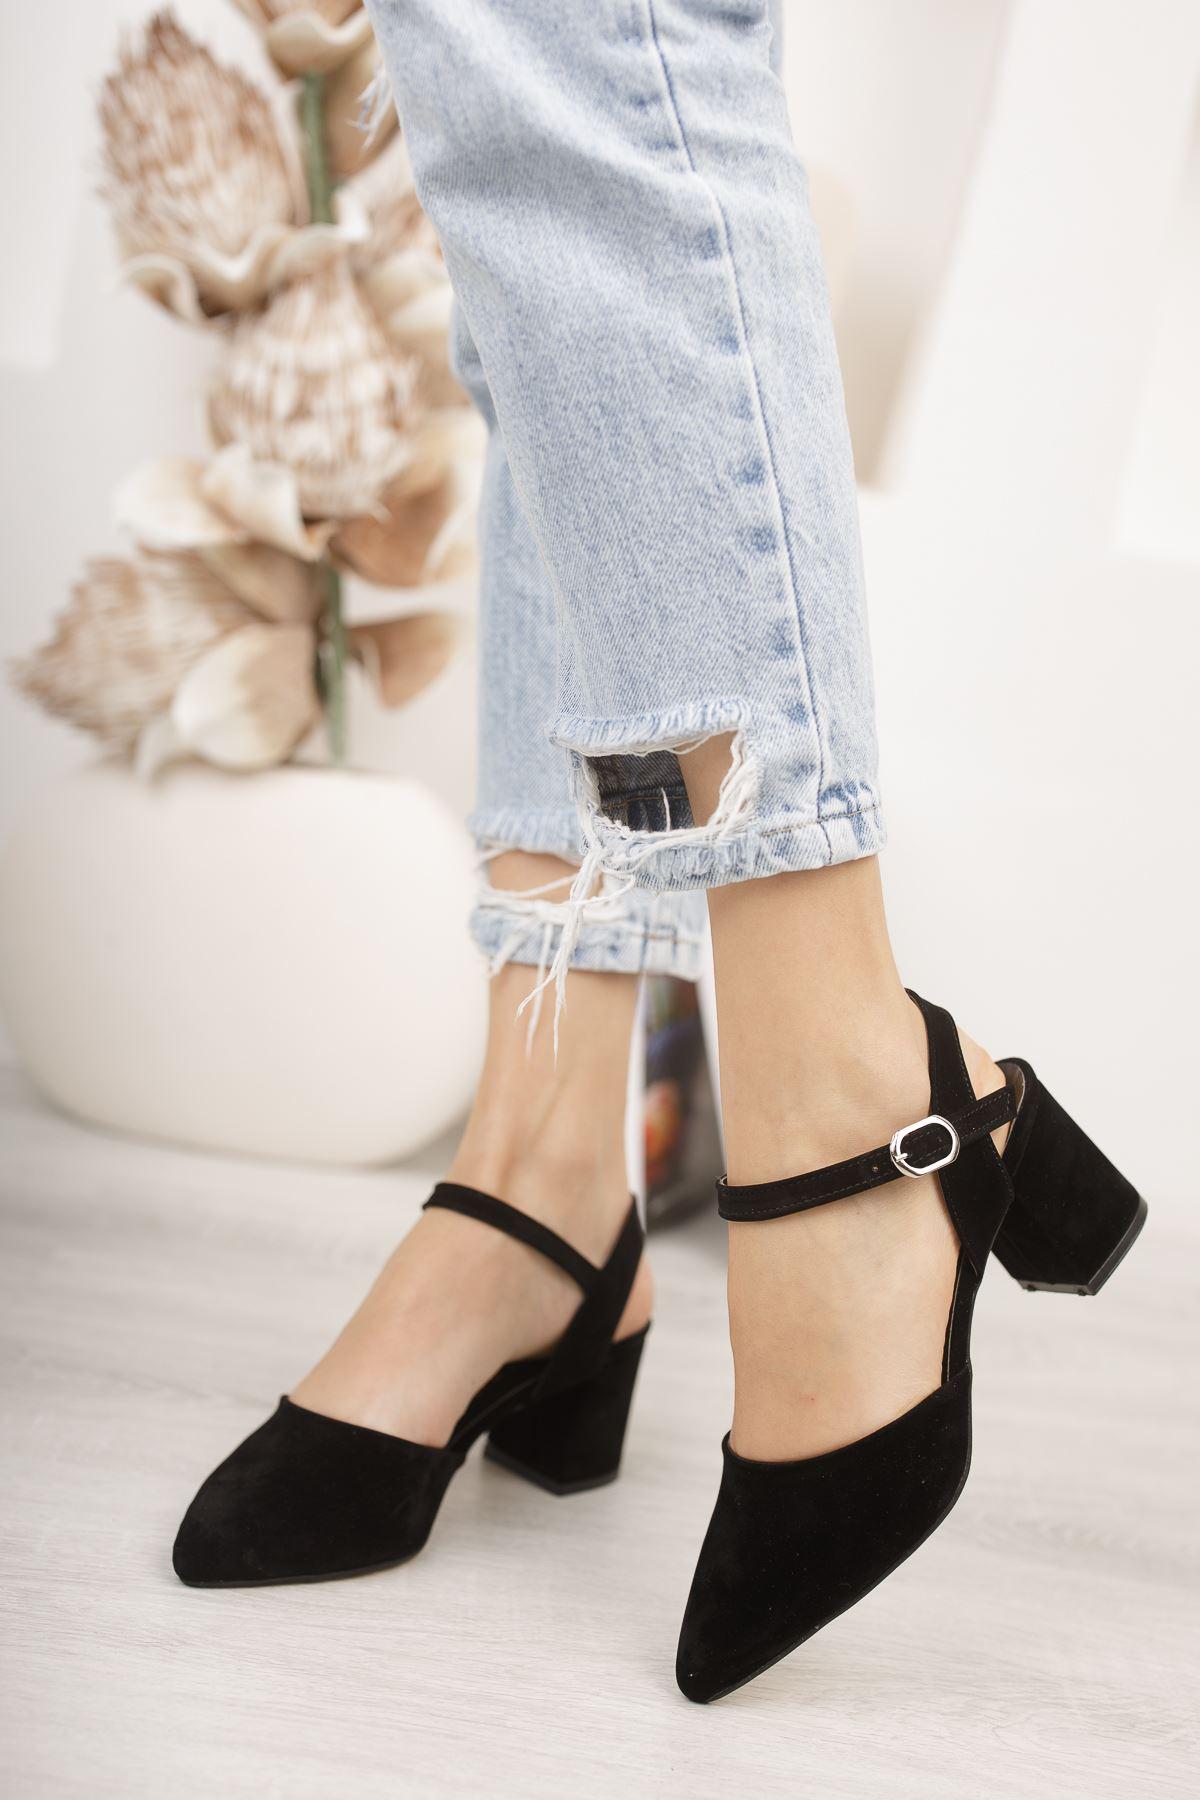 Kadın Vodes Kemer Detaylı Siyah Süet Topuklu Ayakkabı